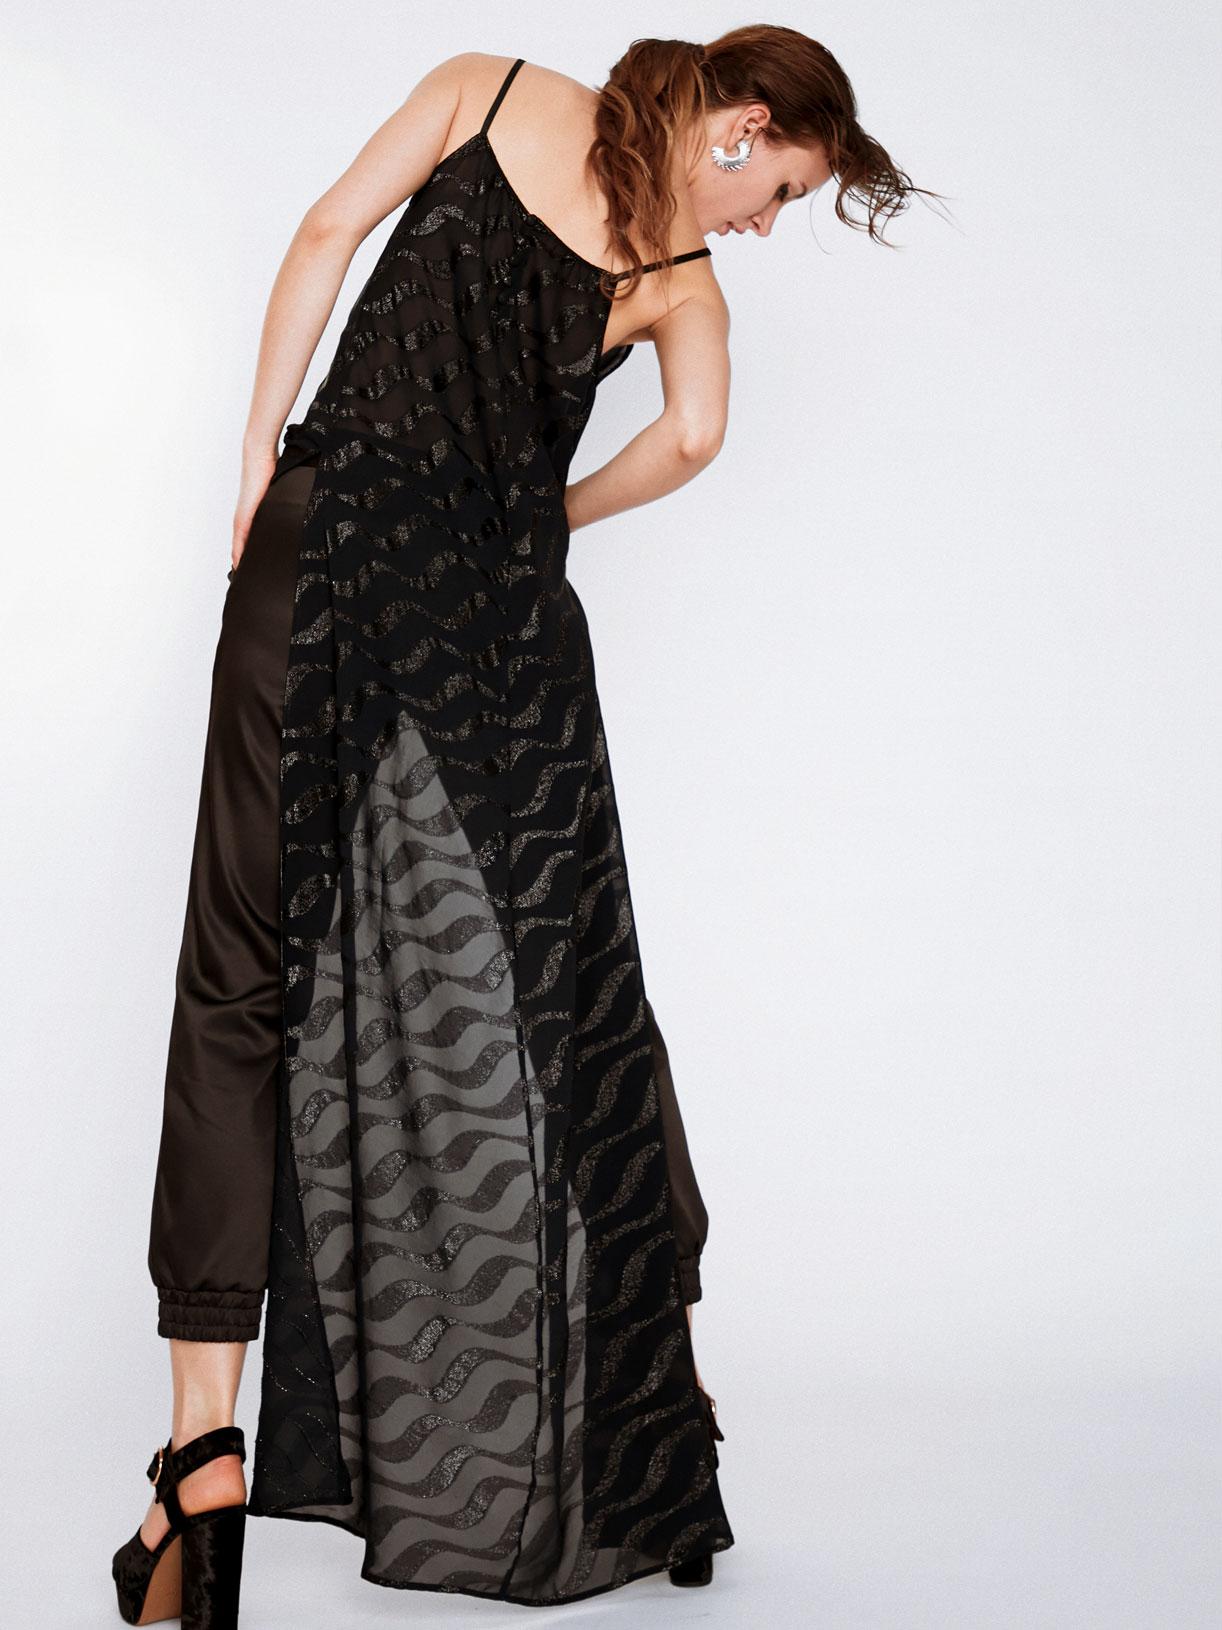 Top asymétrique a sequins noir de soirée écoresponsable - Creatrice de mode éthique et bio a Paris - Myphilosophy